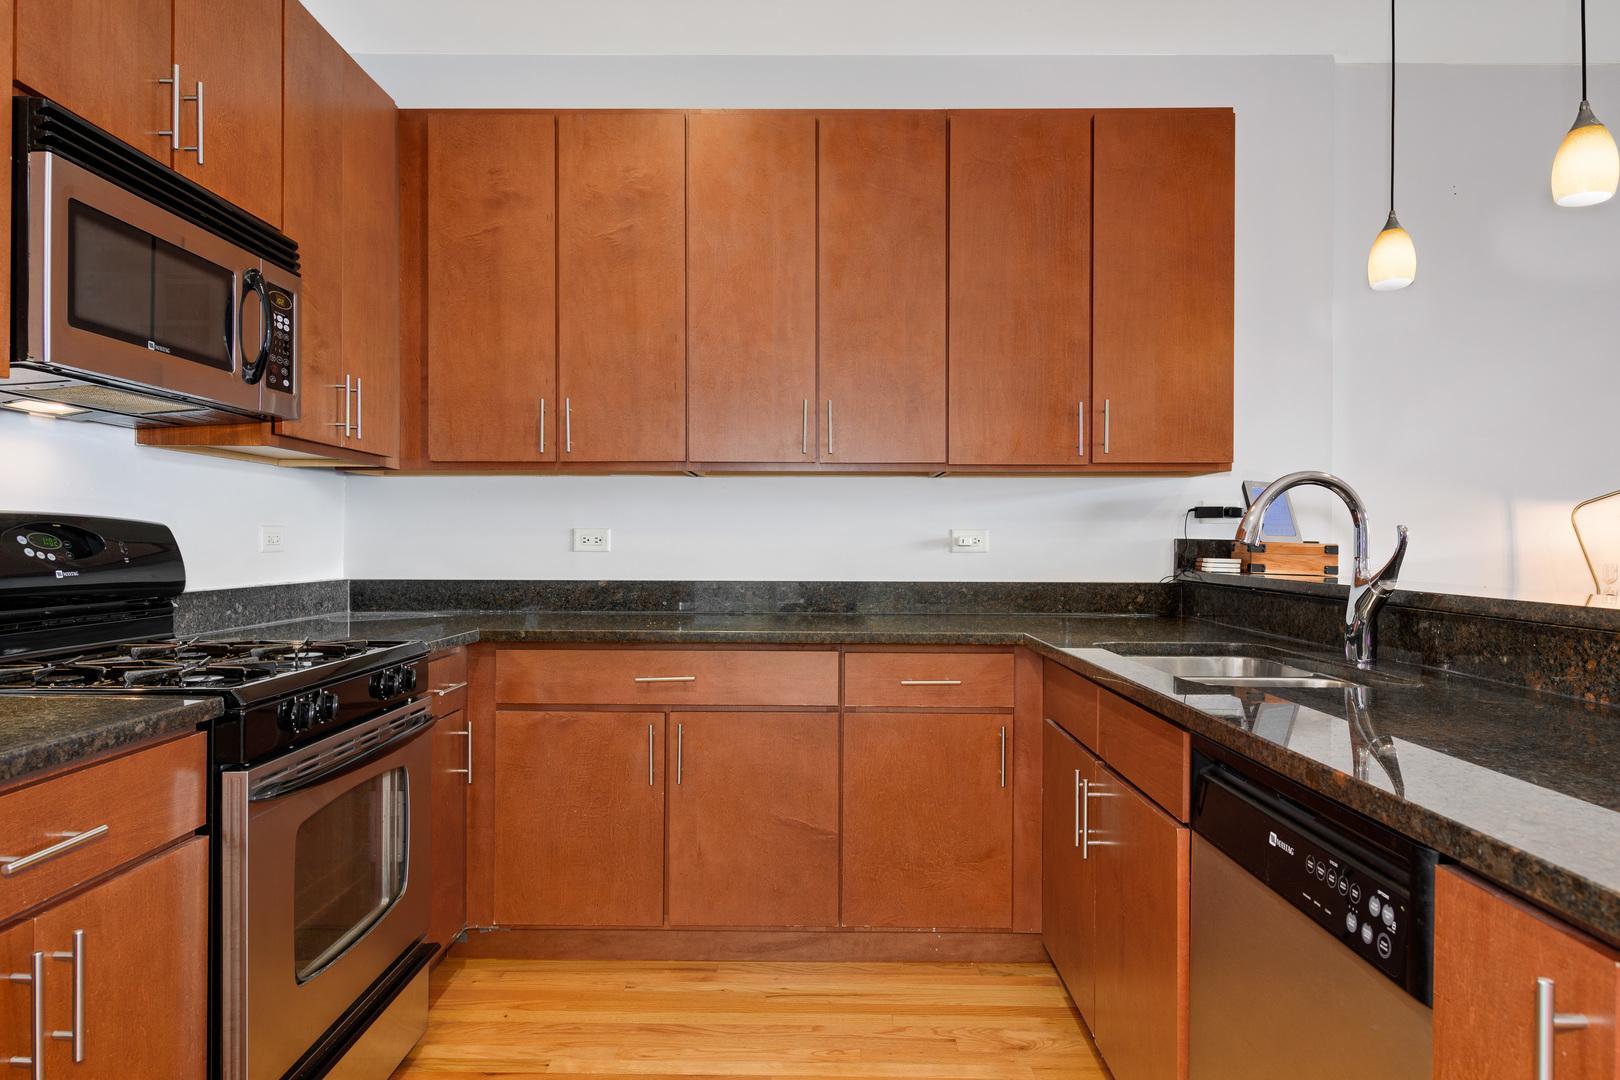 2520 S OAKLEY  Avenue, Unit 403 preview